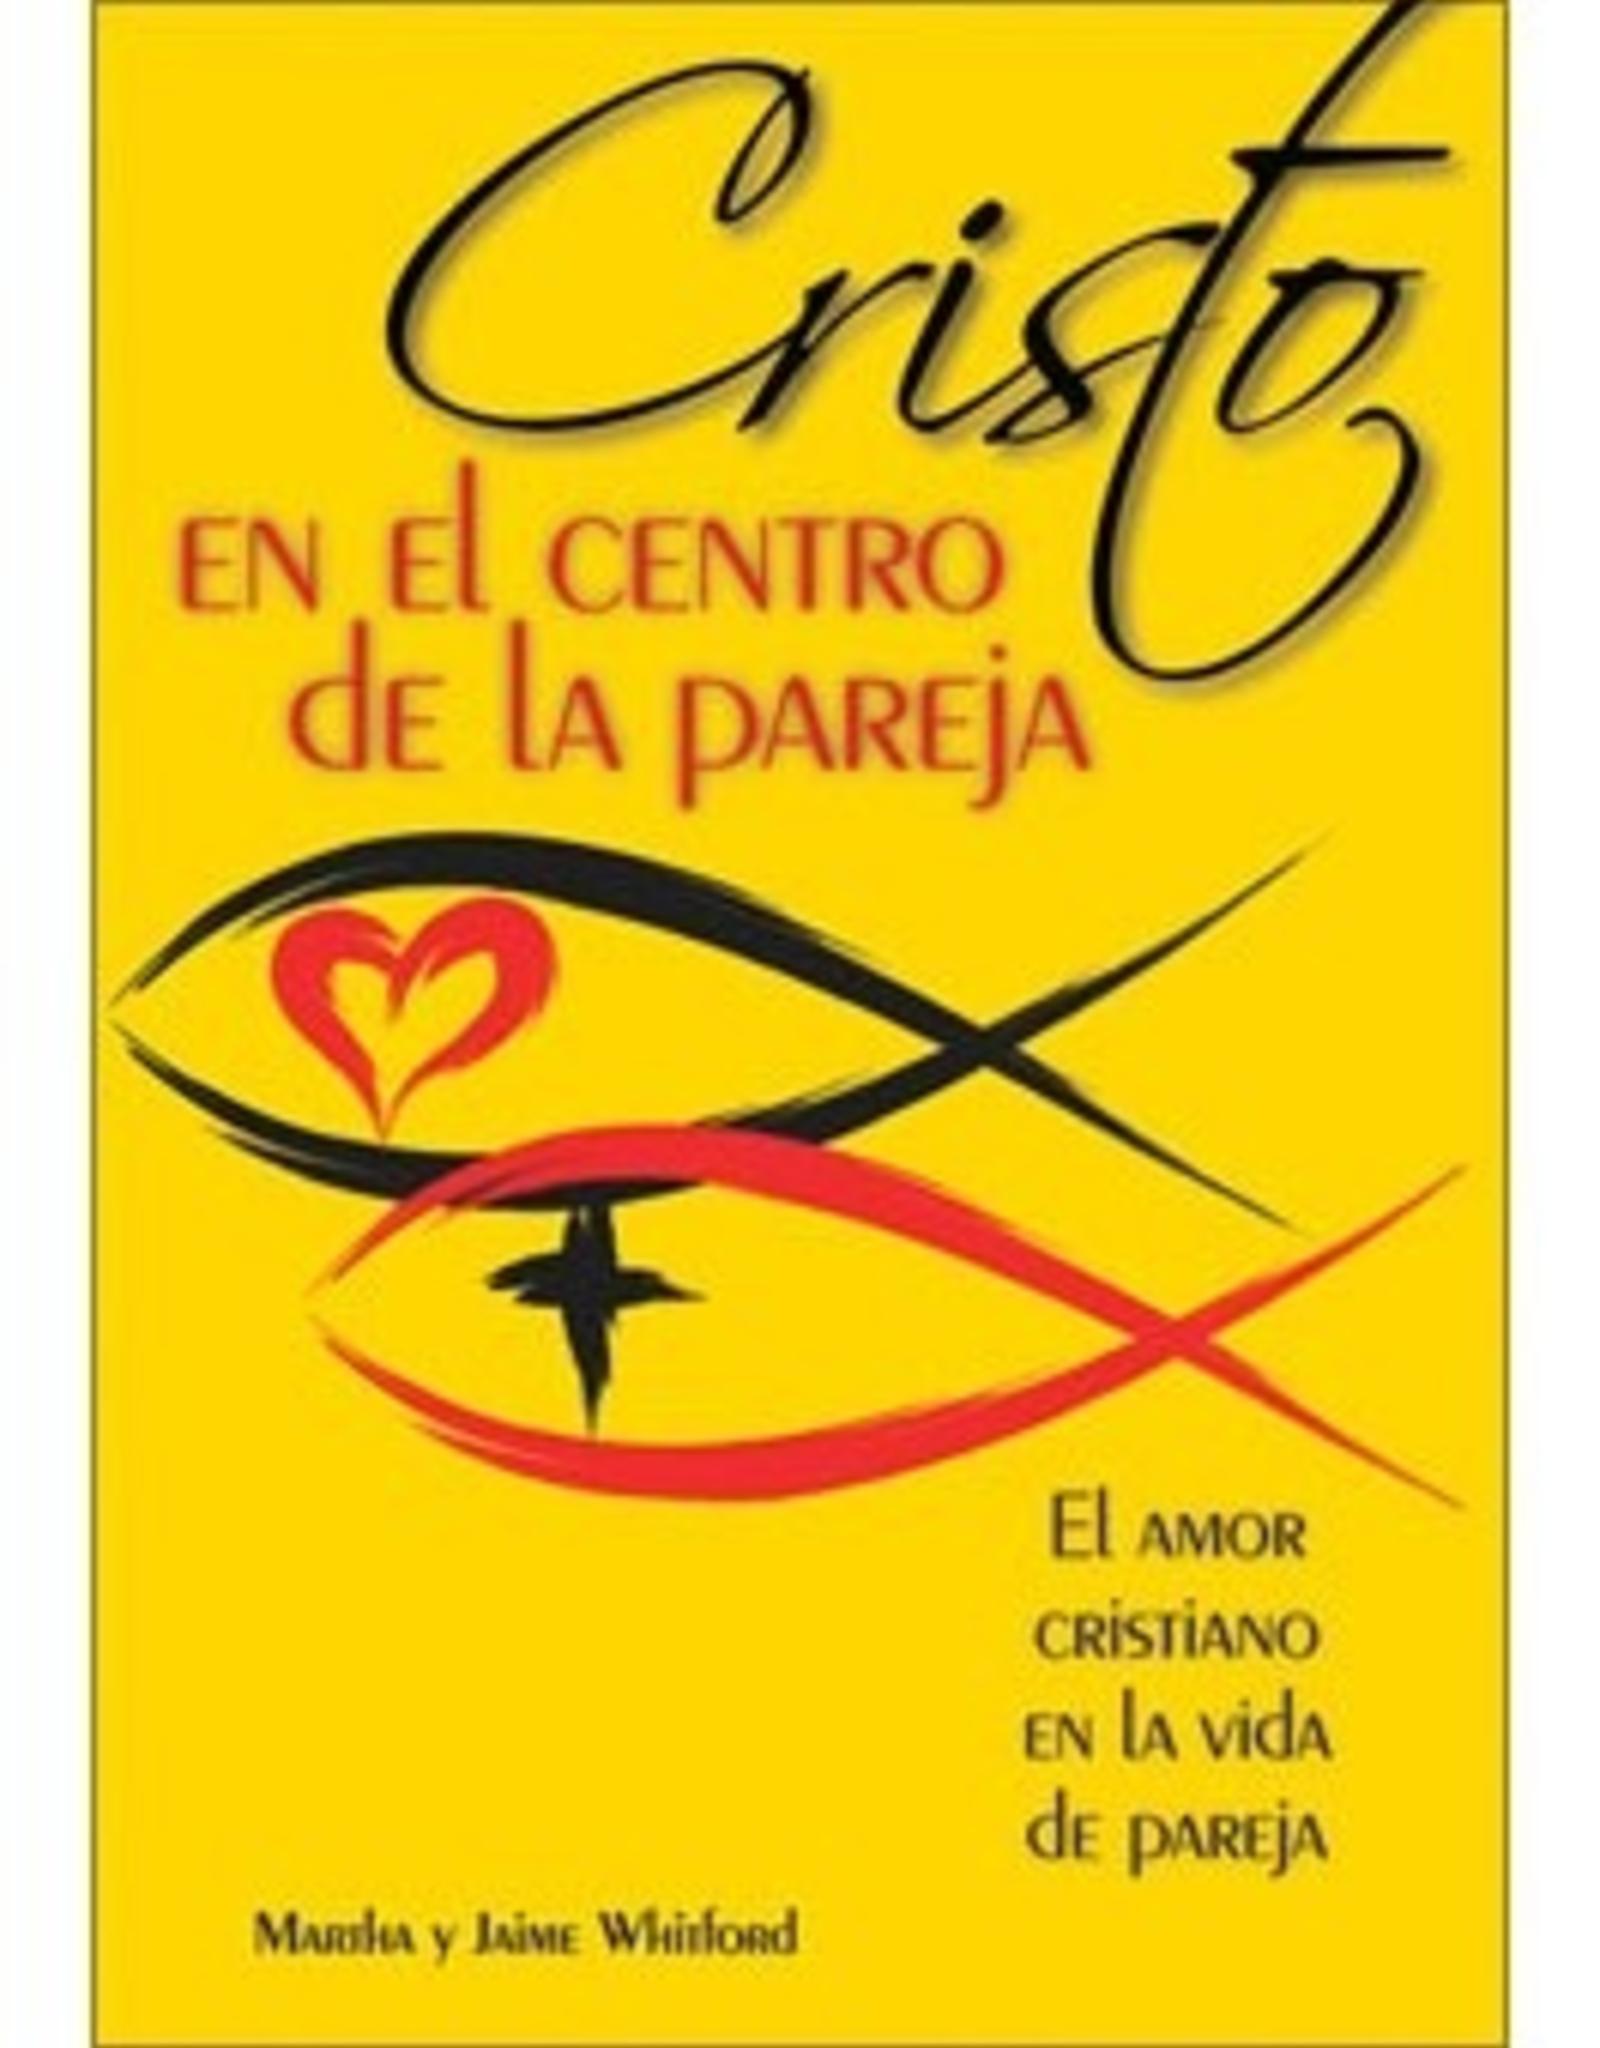 Liguori Cristo en el centro de la pareja,  Jaime Y Martha Whitford